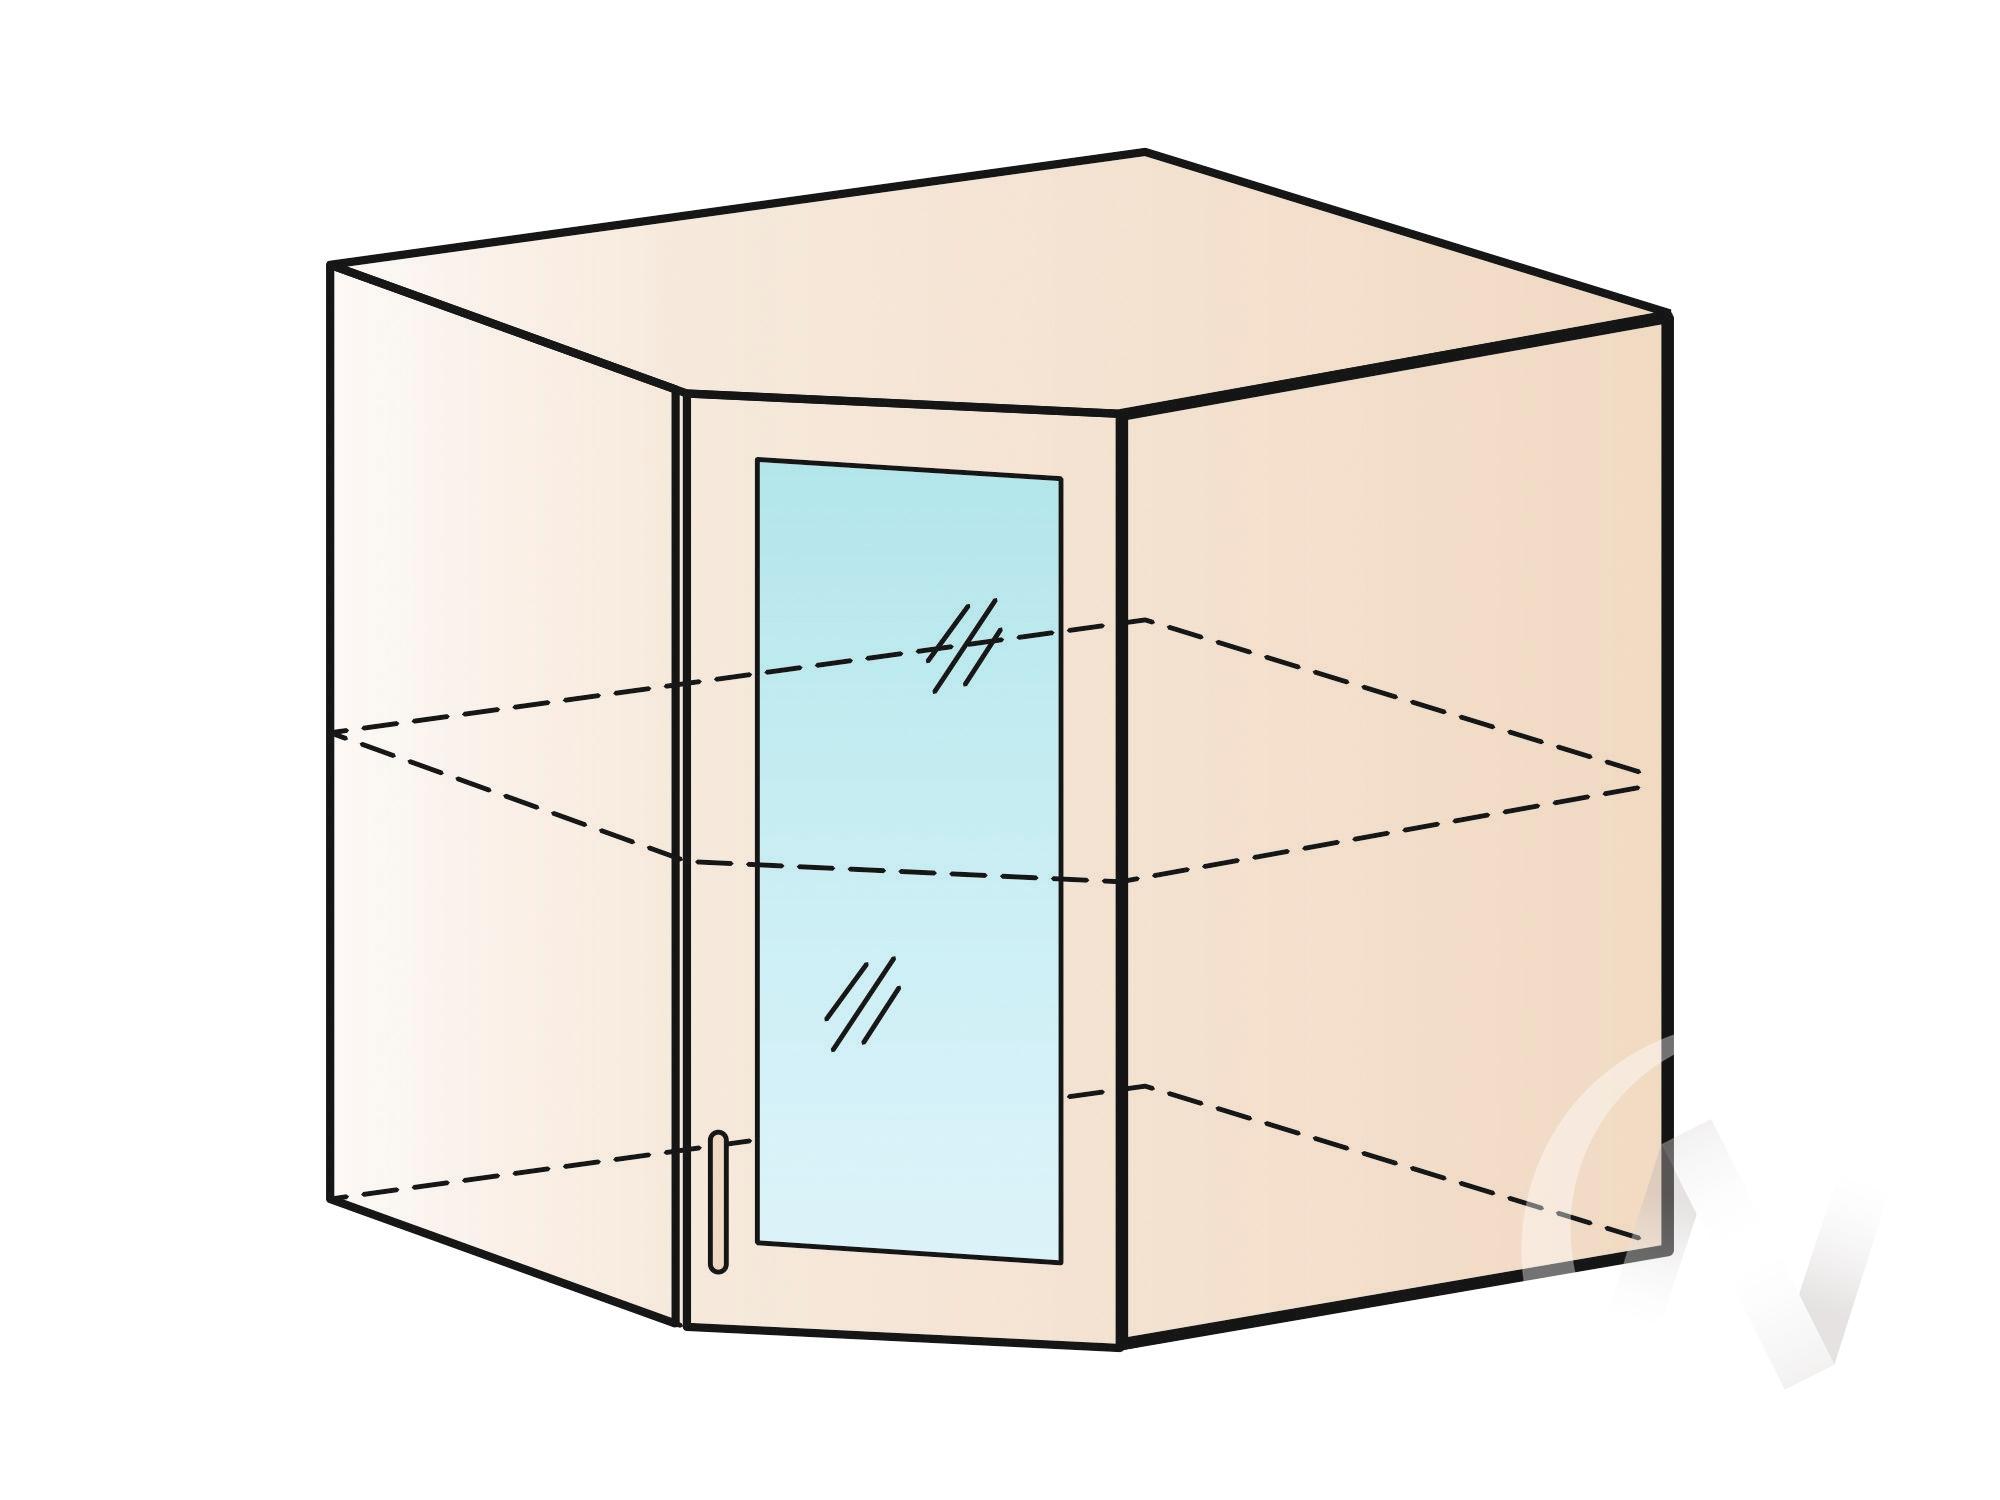 """Купить кухня """"струна"""": шкаф верхний угловой со стеклом 590, швус 590 (белый металлик/корпус венге) в Новосибирске в интернет-магазине Мебель плюс Техника"""